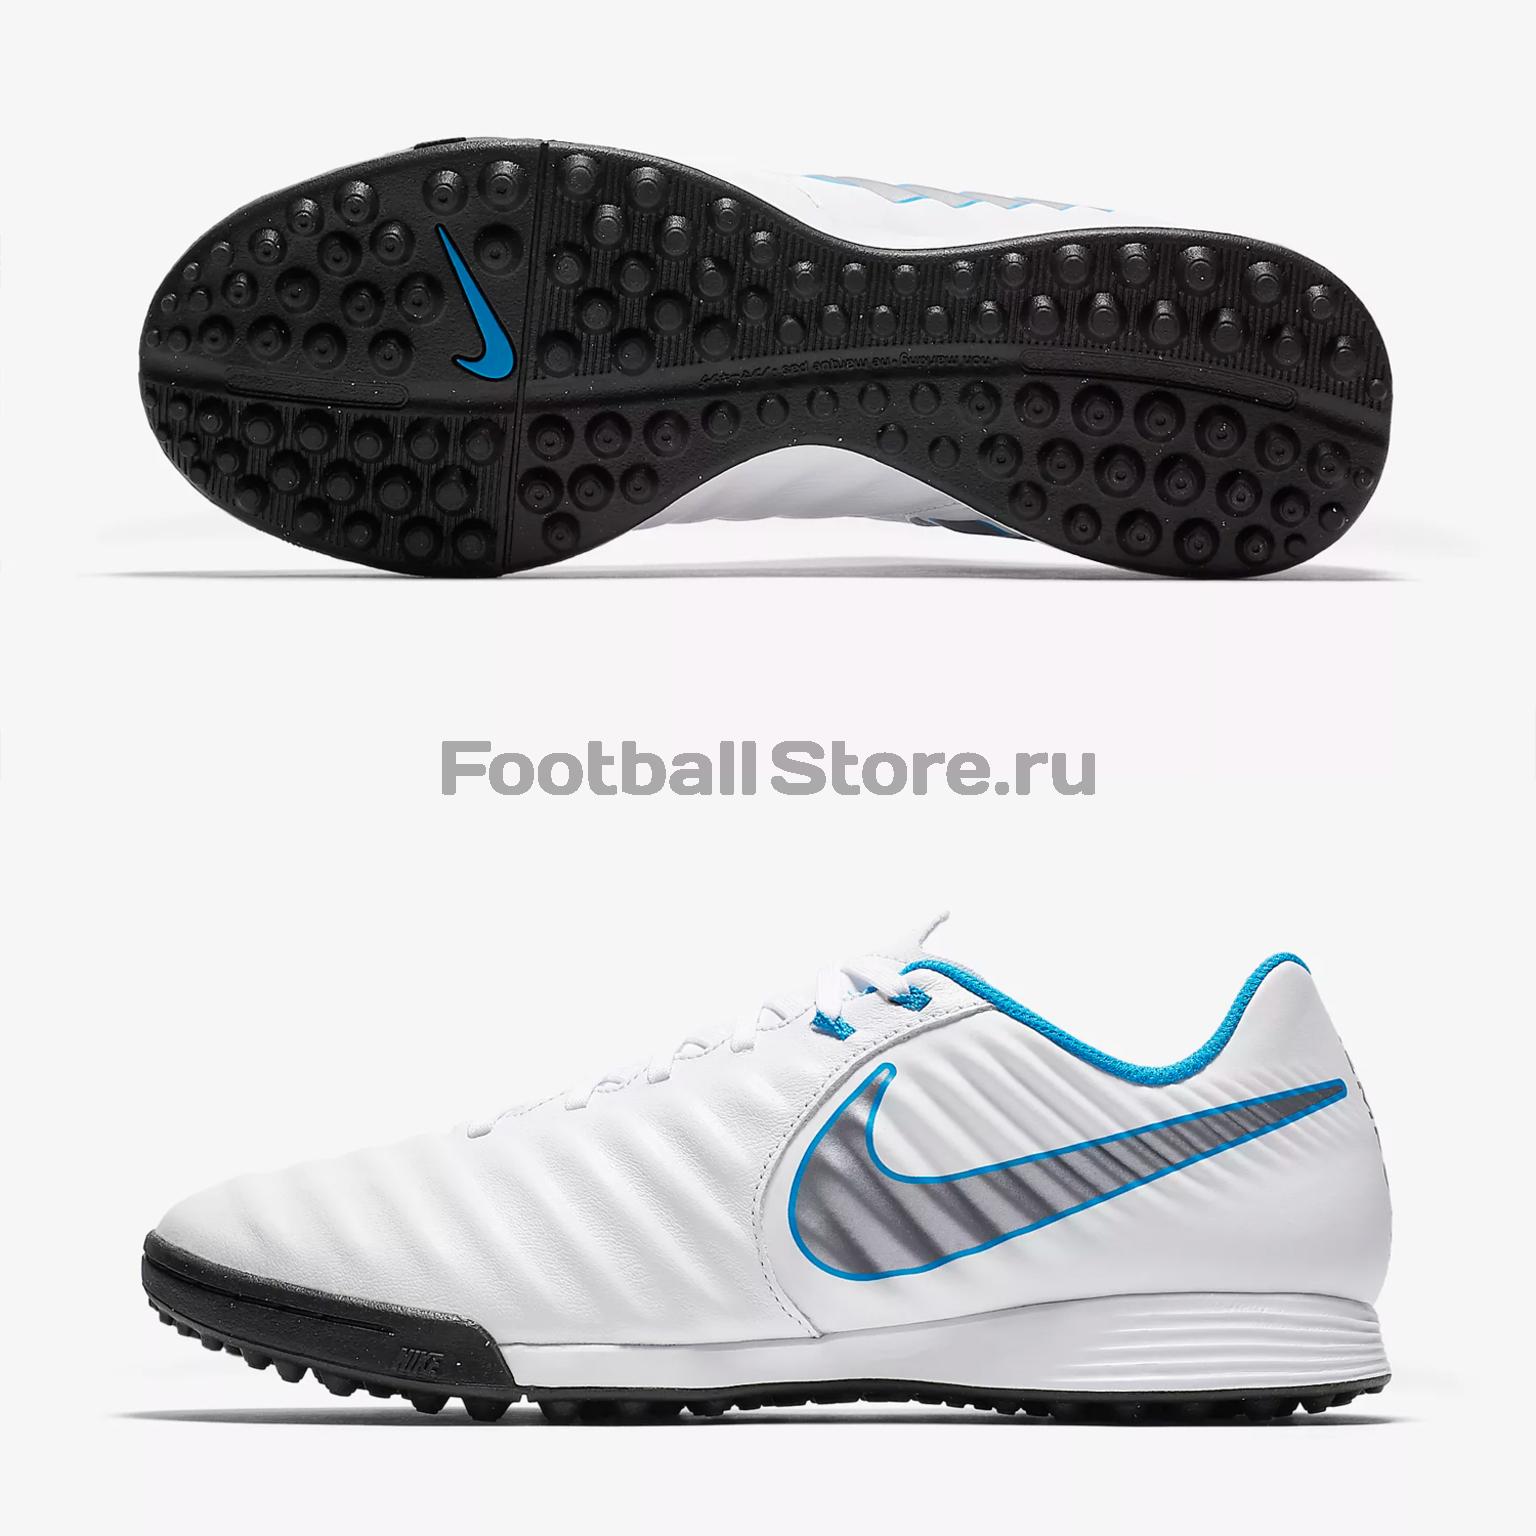 Обувь для зала Nike Tiempo Legend Lunar 7 Pro IC AH7246-107 шиповки nike lunar legendx 7 pro tf ah7249 080